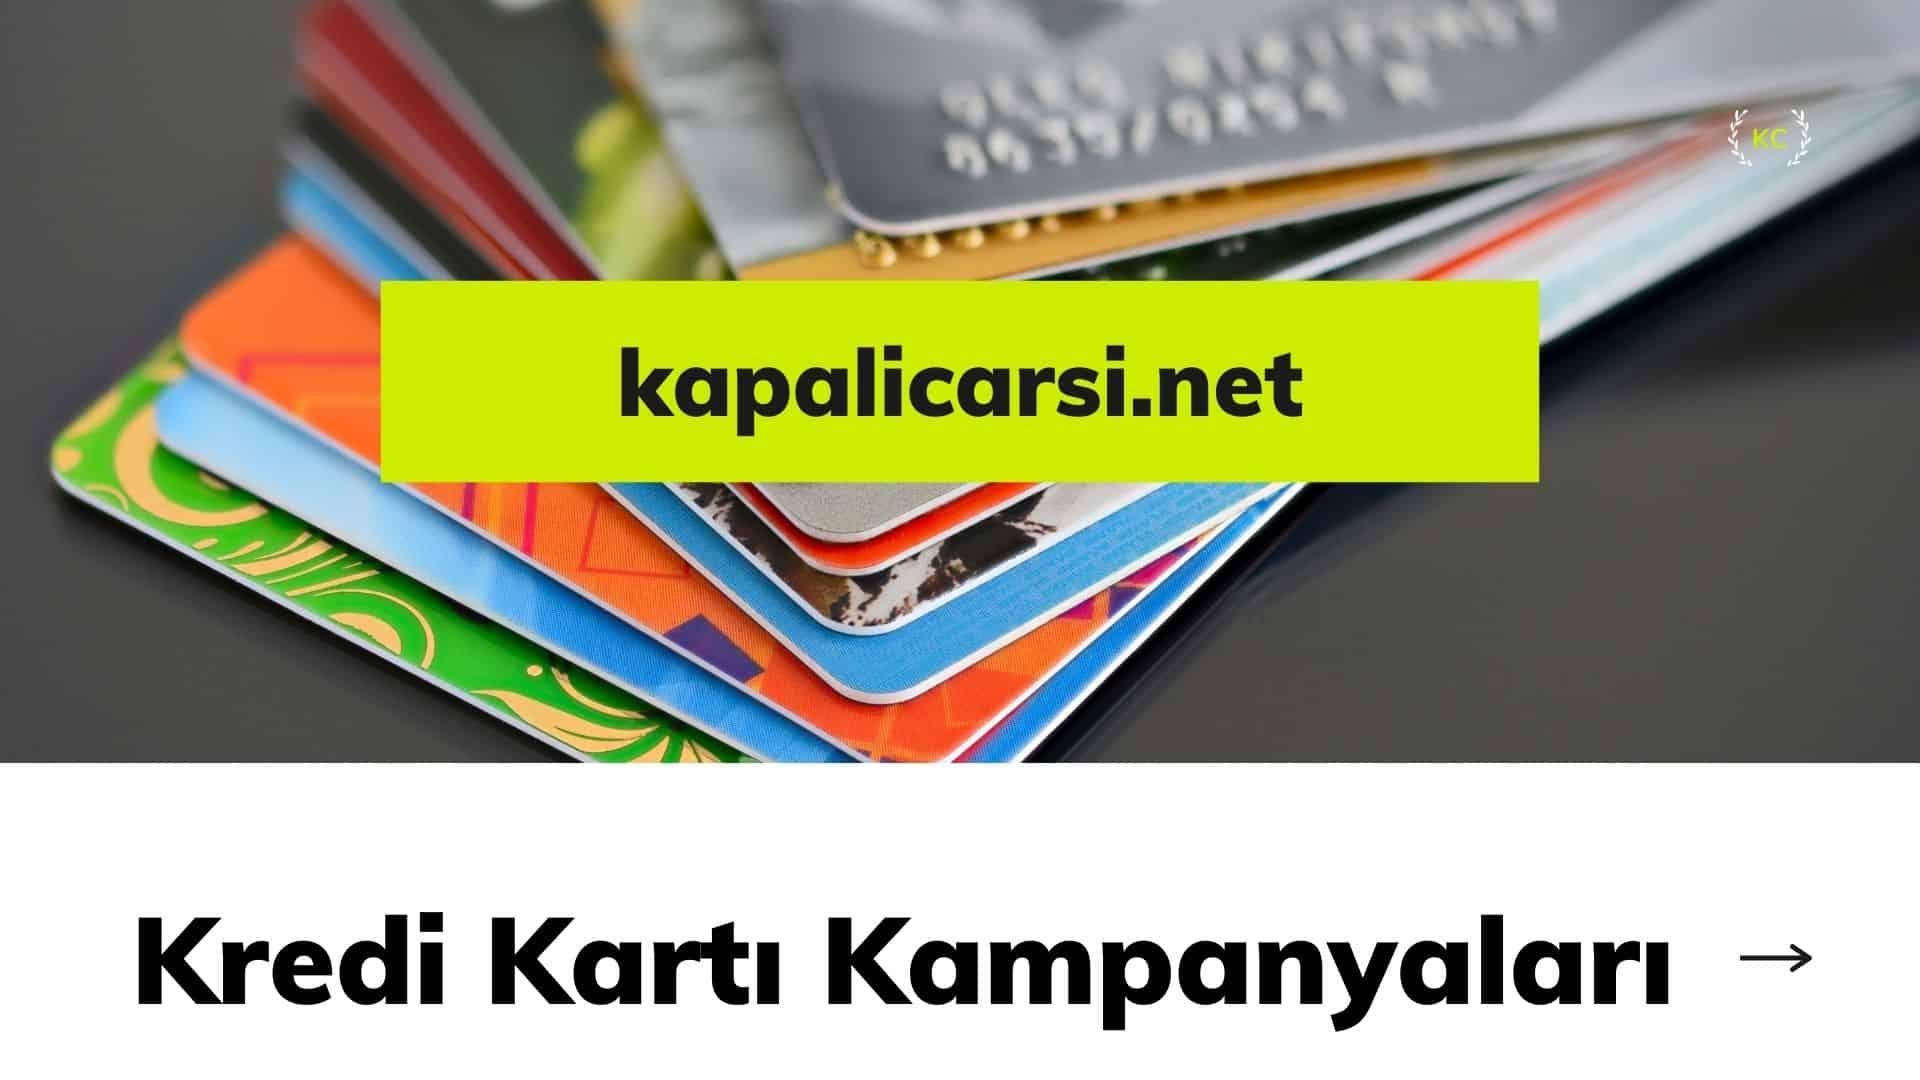 Kredi Kartı Kampanyaları